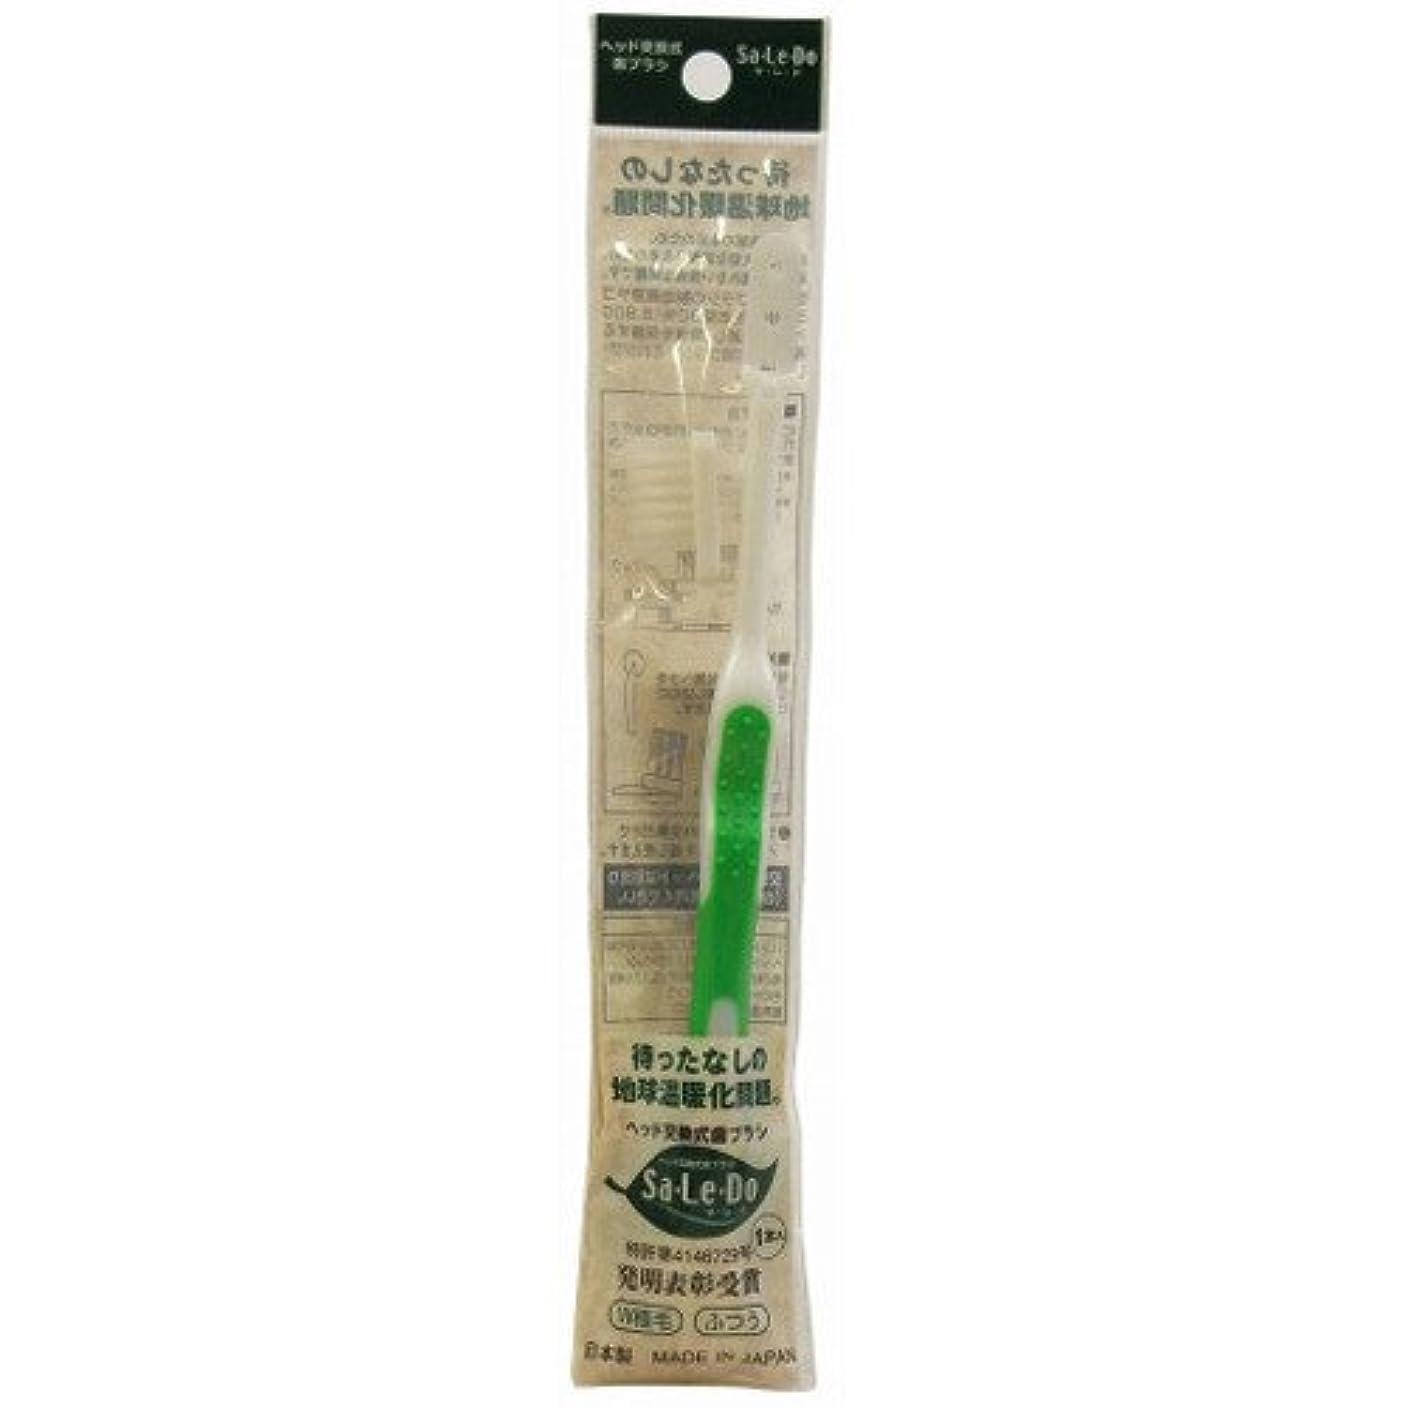 プランテーション制限誠実さサレド ヘッド交換式歯ブラシ お試しセット レギュラーヘッド グリーン